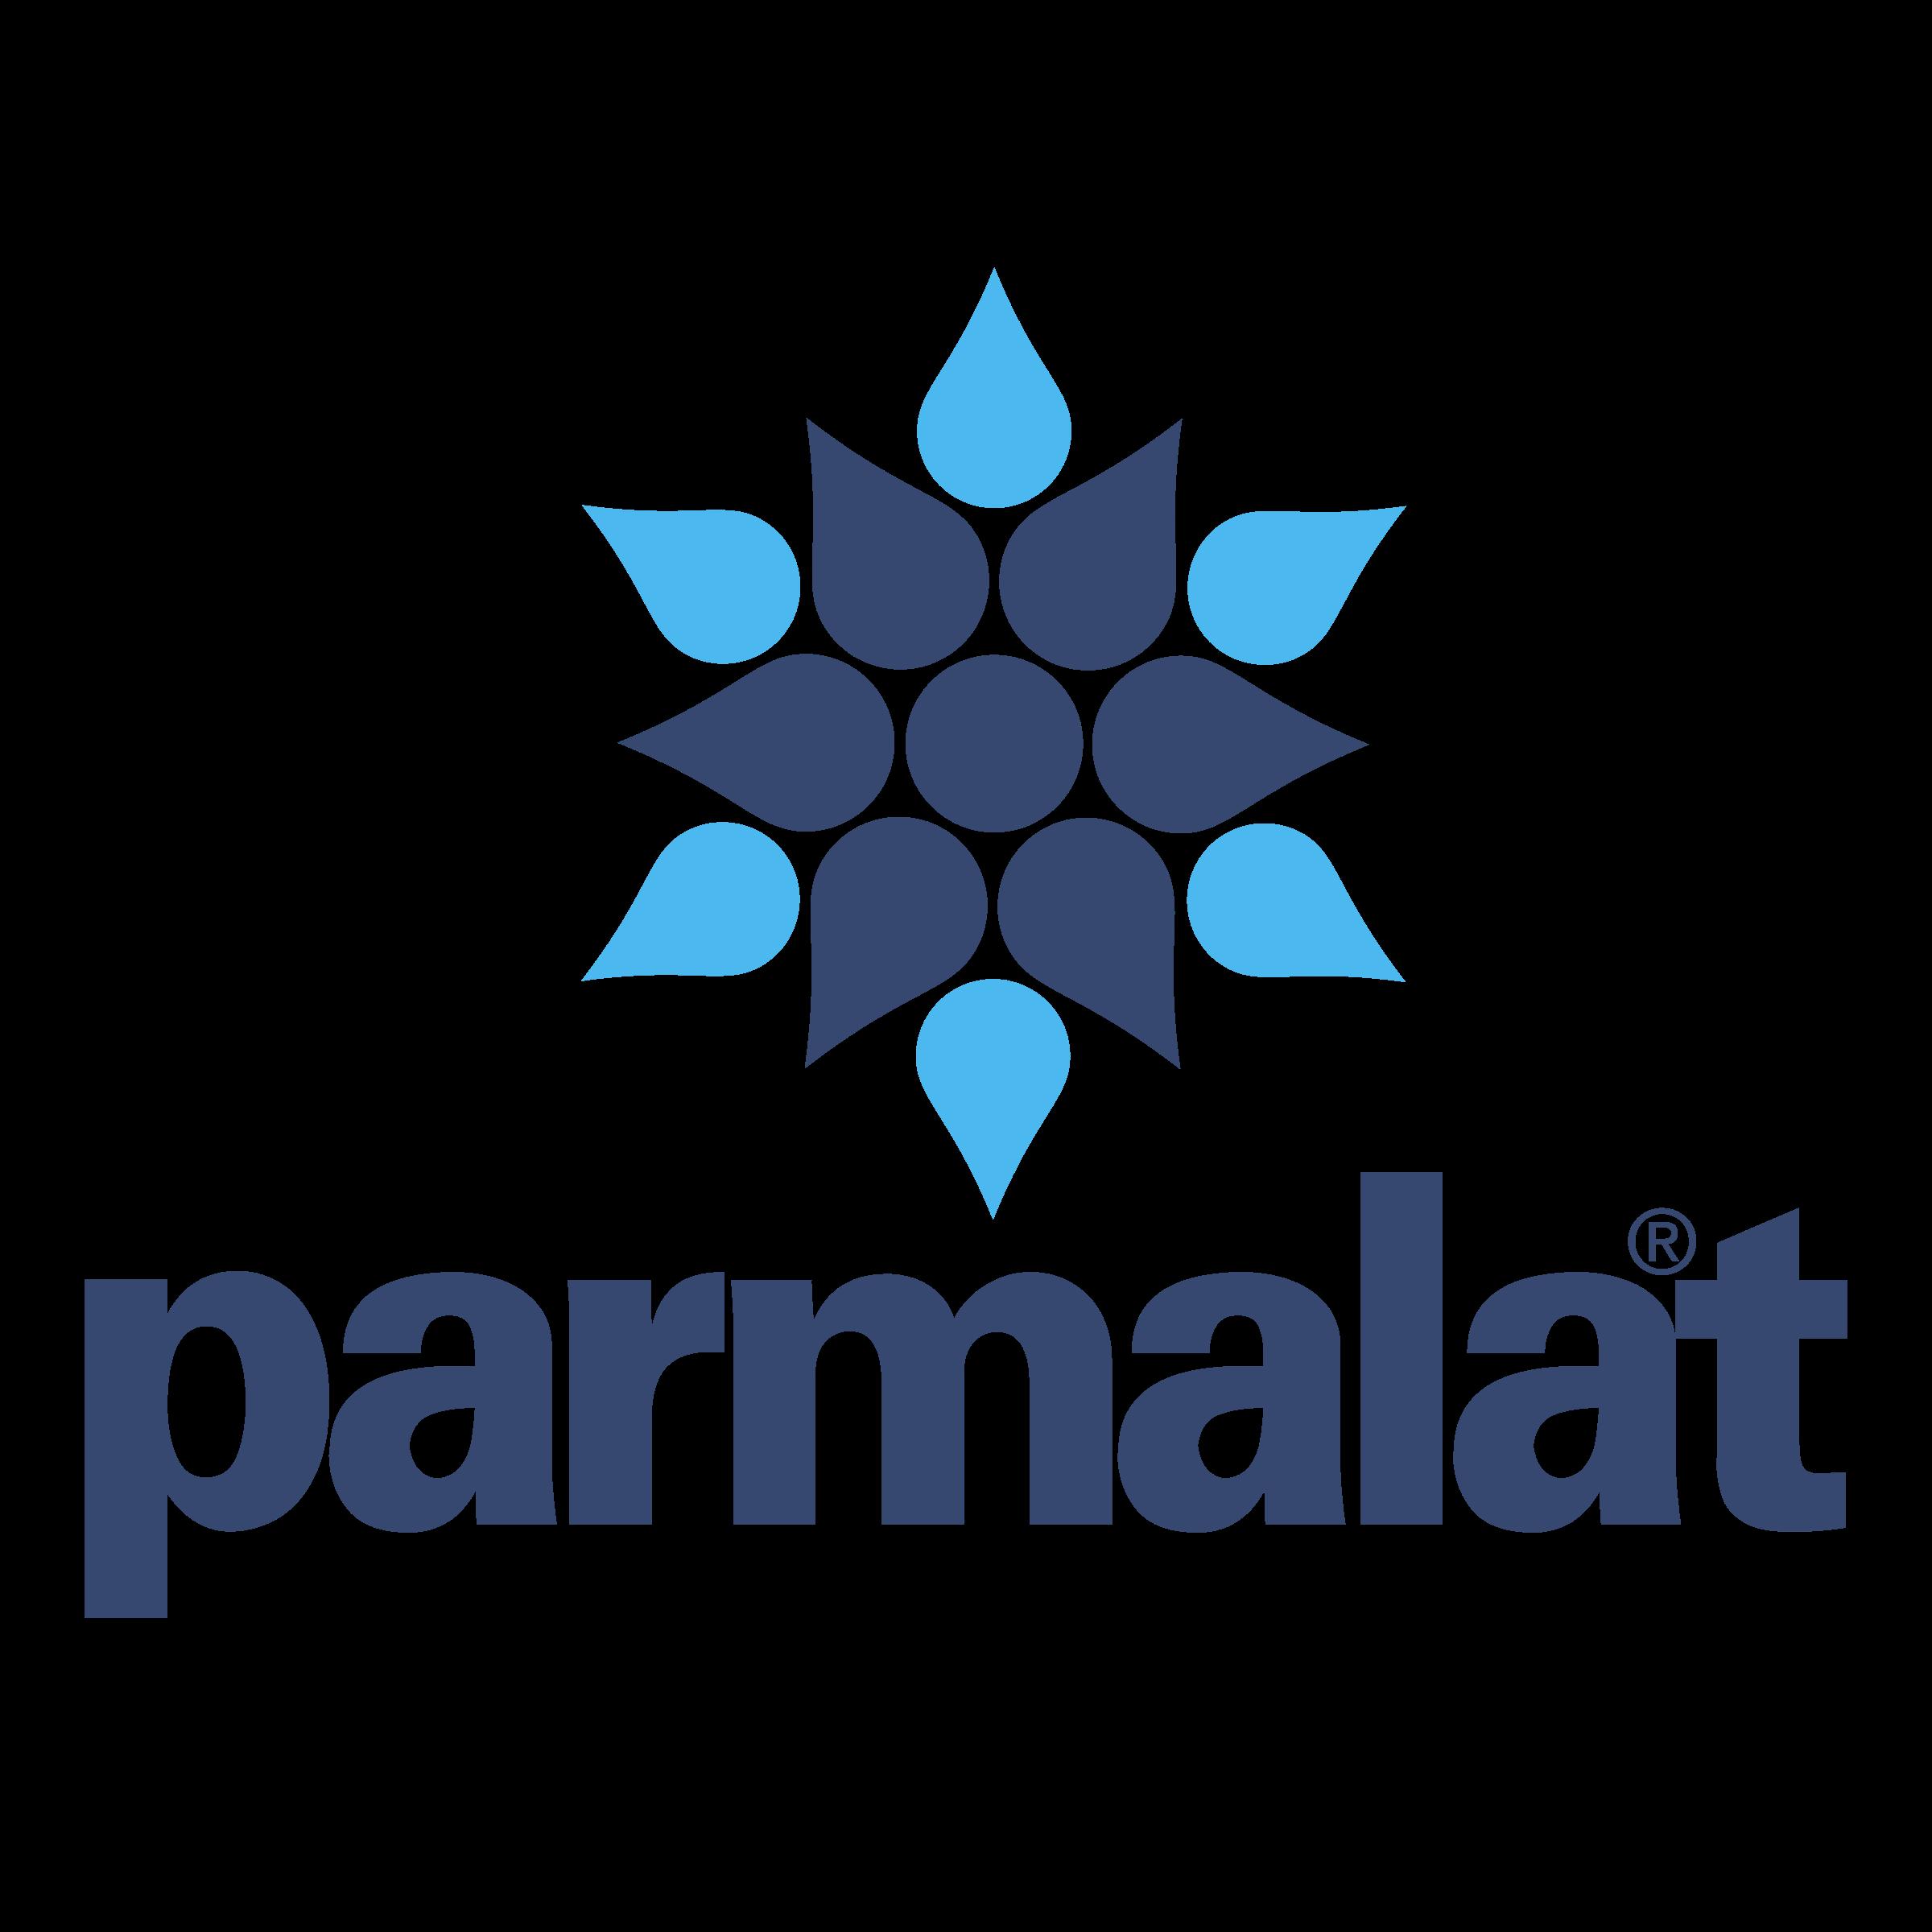 parmalat-1-logo-png-transparent